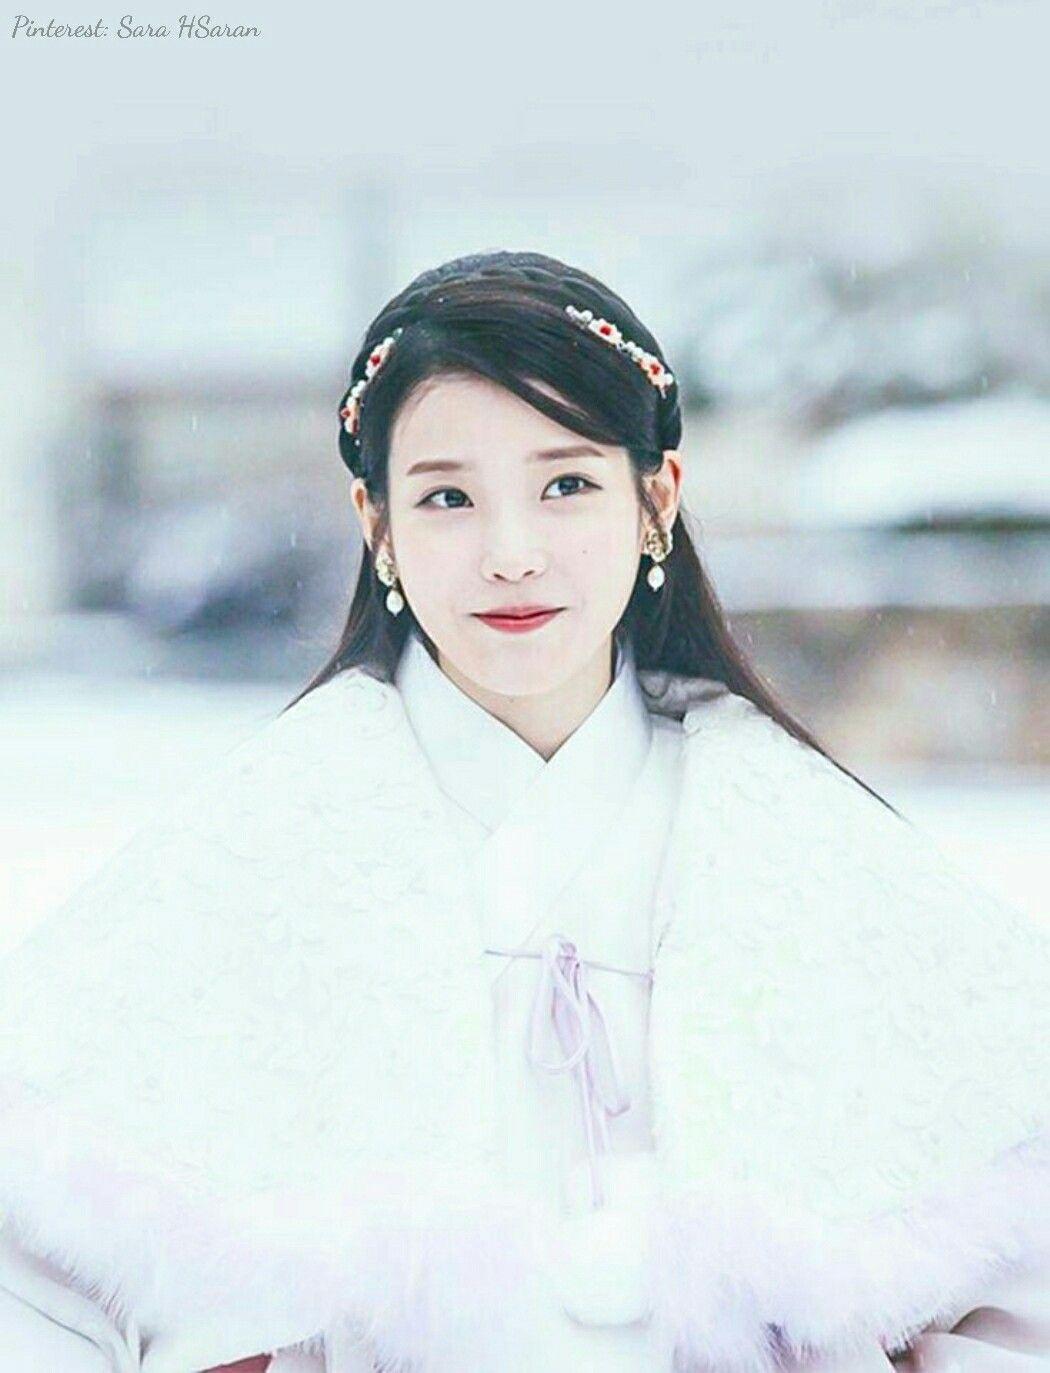 Snow White❄